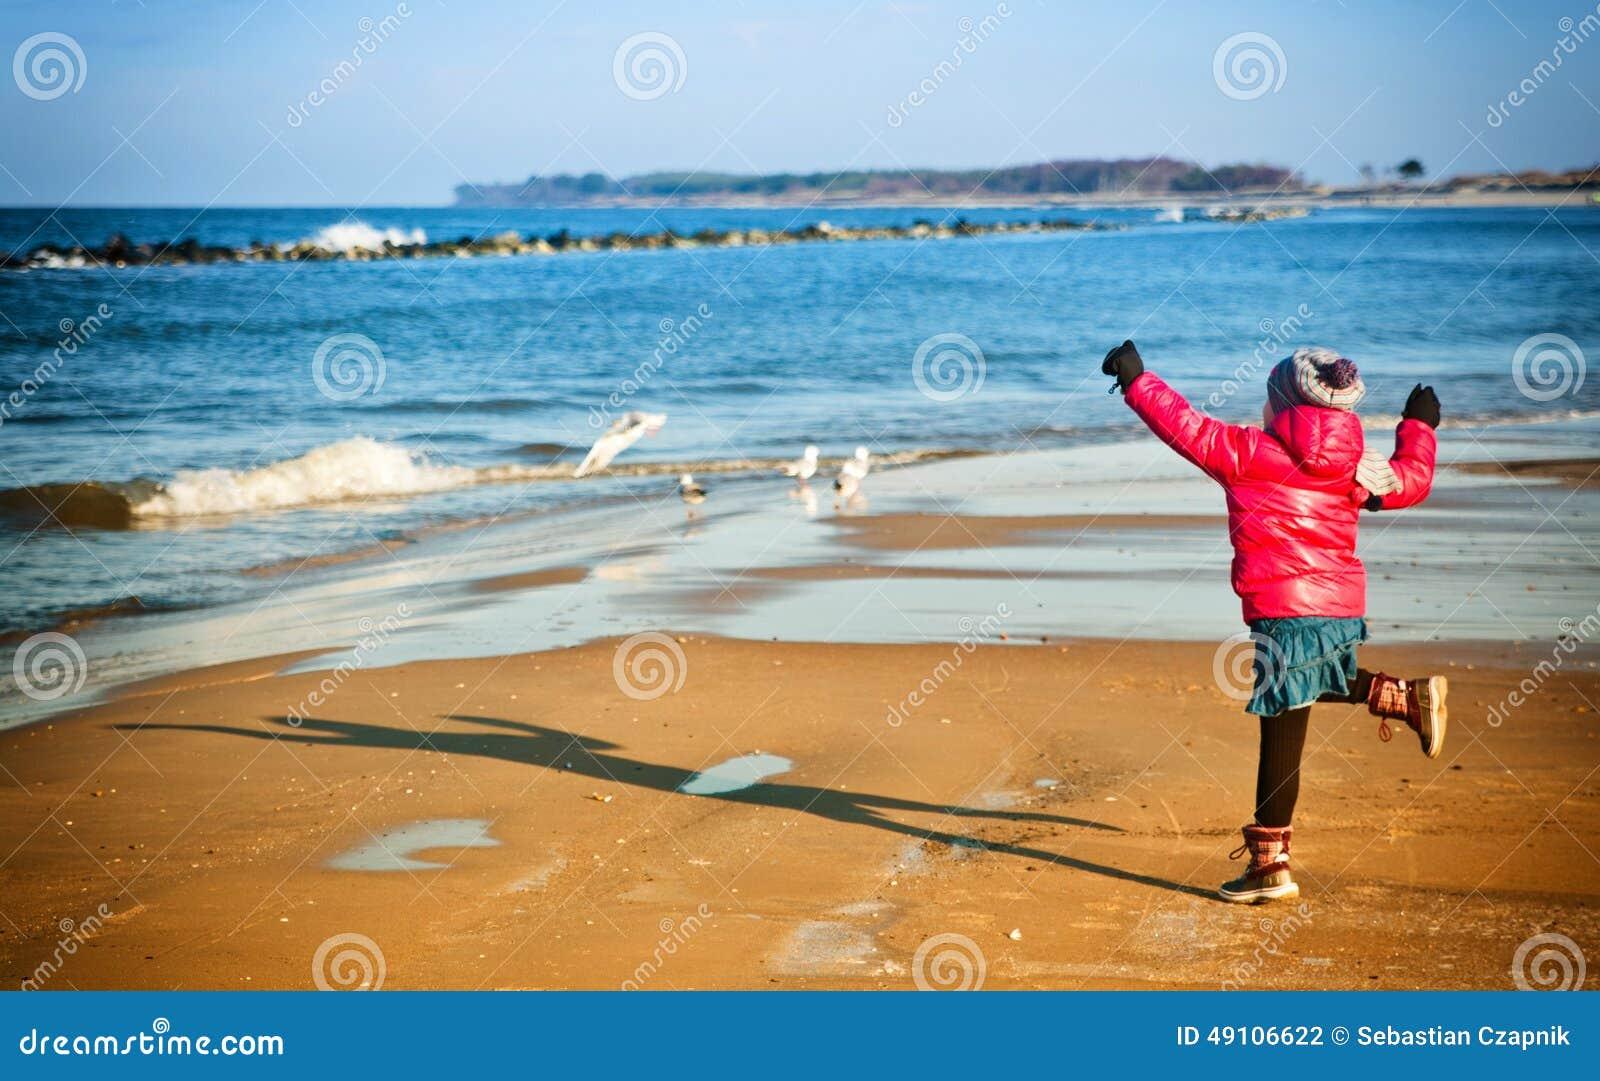 获得的女孩在冬天波罗地海滩的乐趣